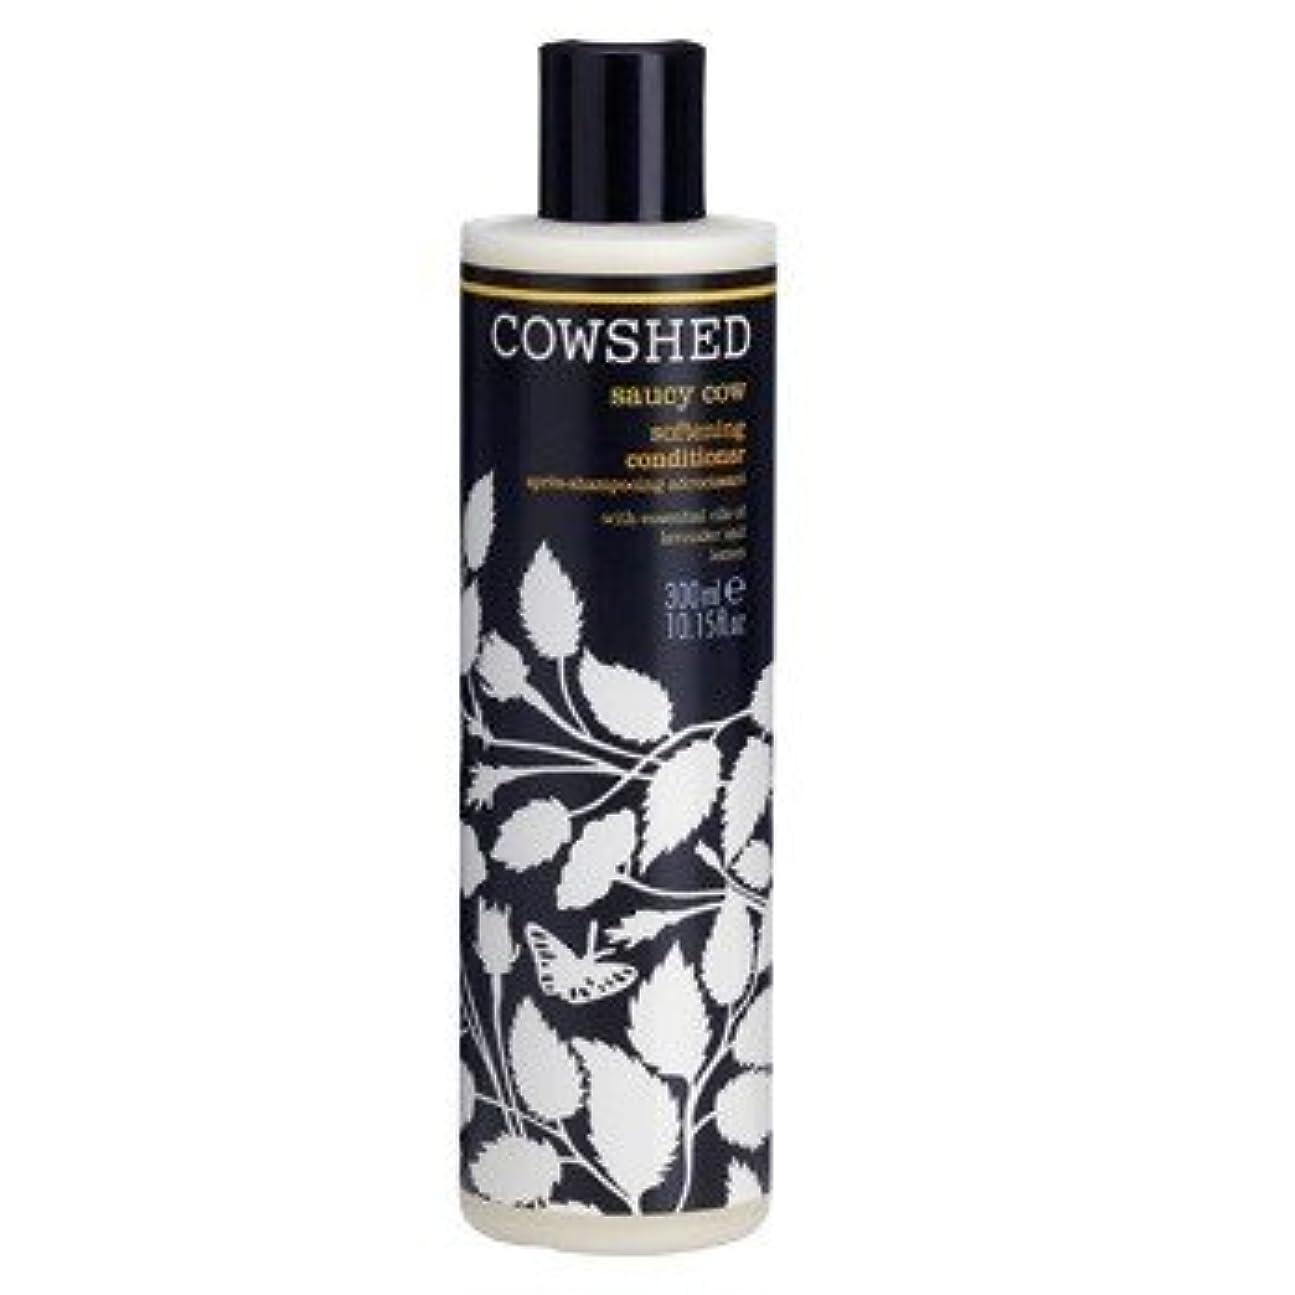 戸惑う最後の甘い牛舎生意気な牛軟化コンディショナー300ミリリットル (Cowshed) (x6) - Cowshed Saucy Cow Softening Conditioner 300ml (Pack of 6) [並行輸入品]